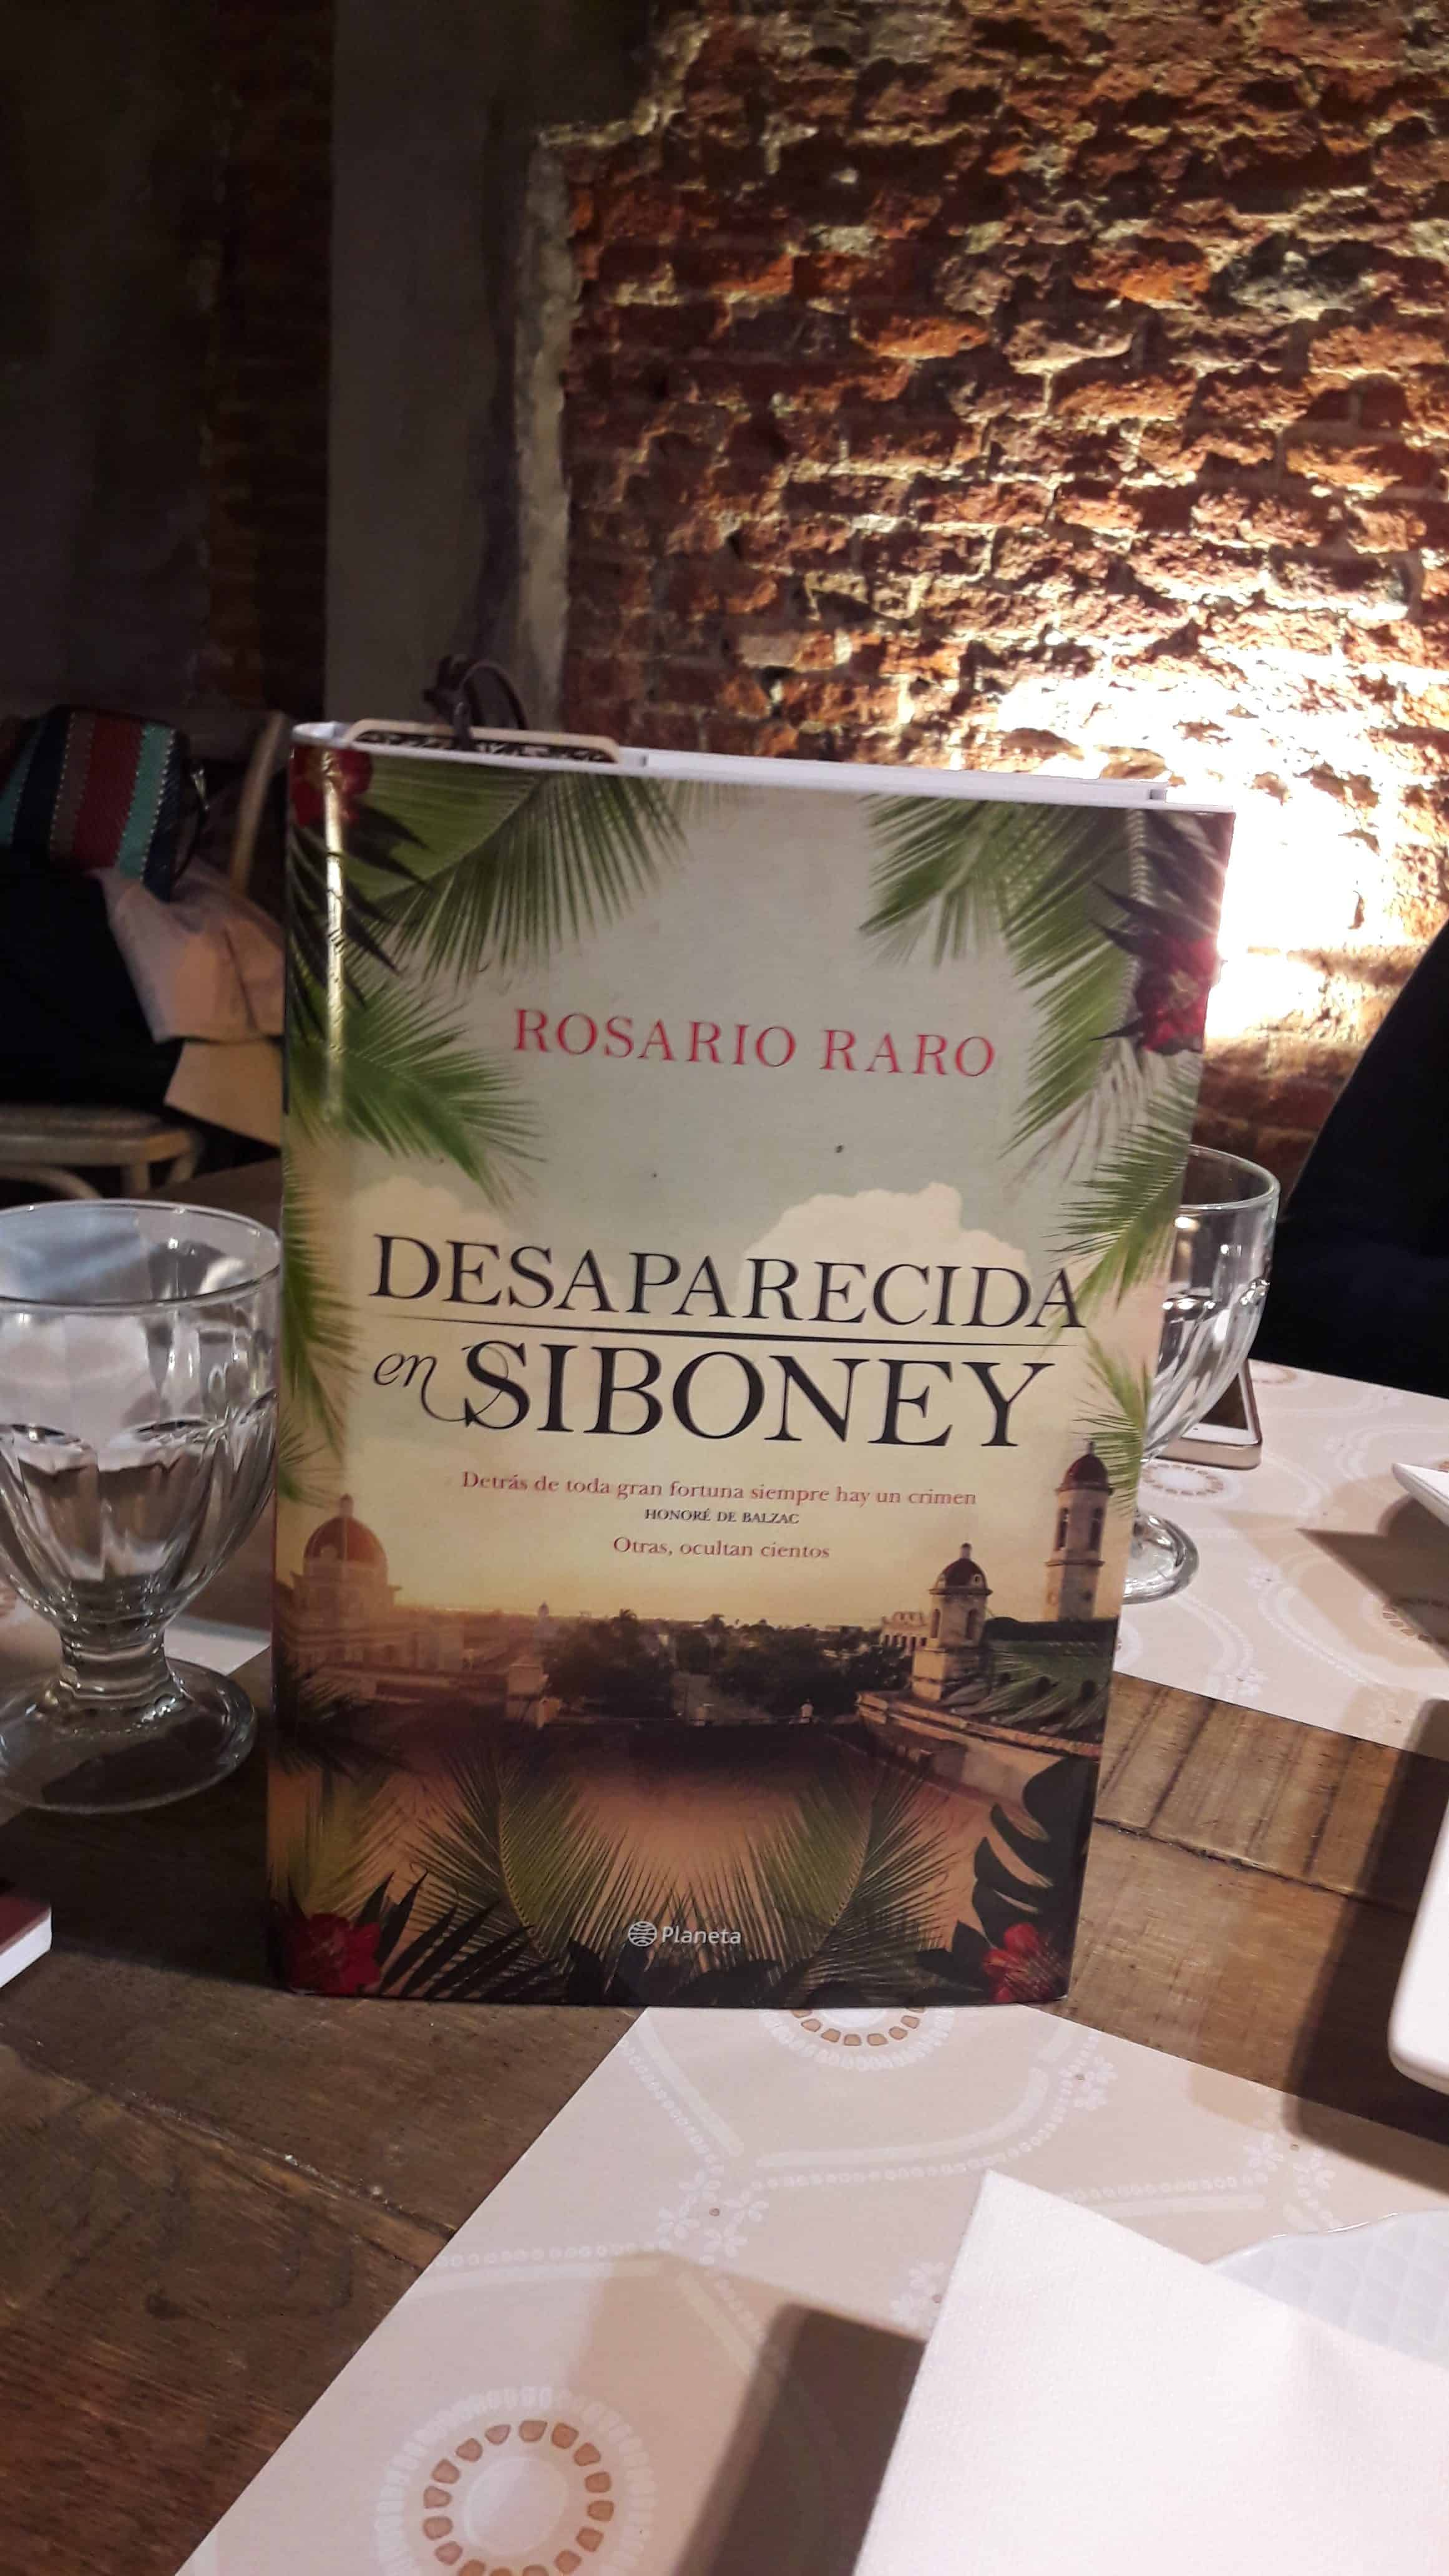 «DESAPARECIDA EN SIBONEY», de Rosario Raro